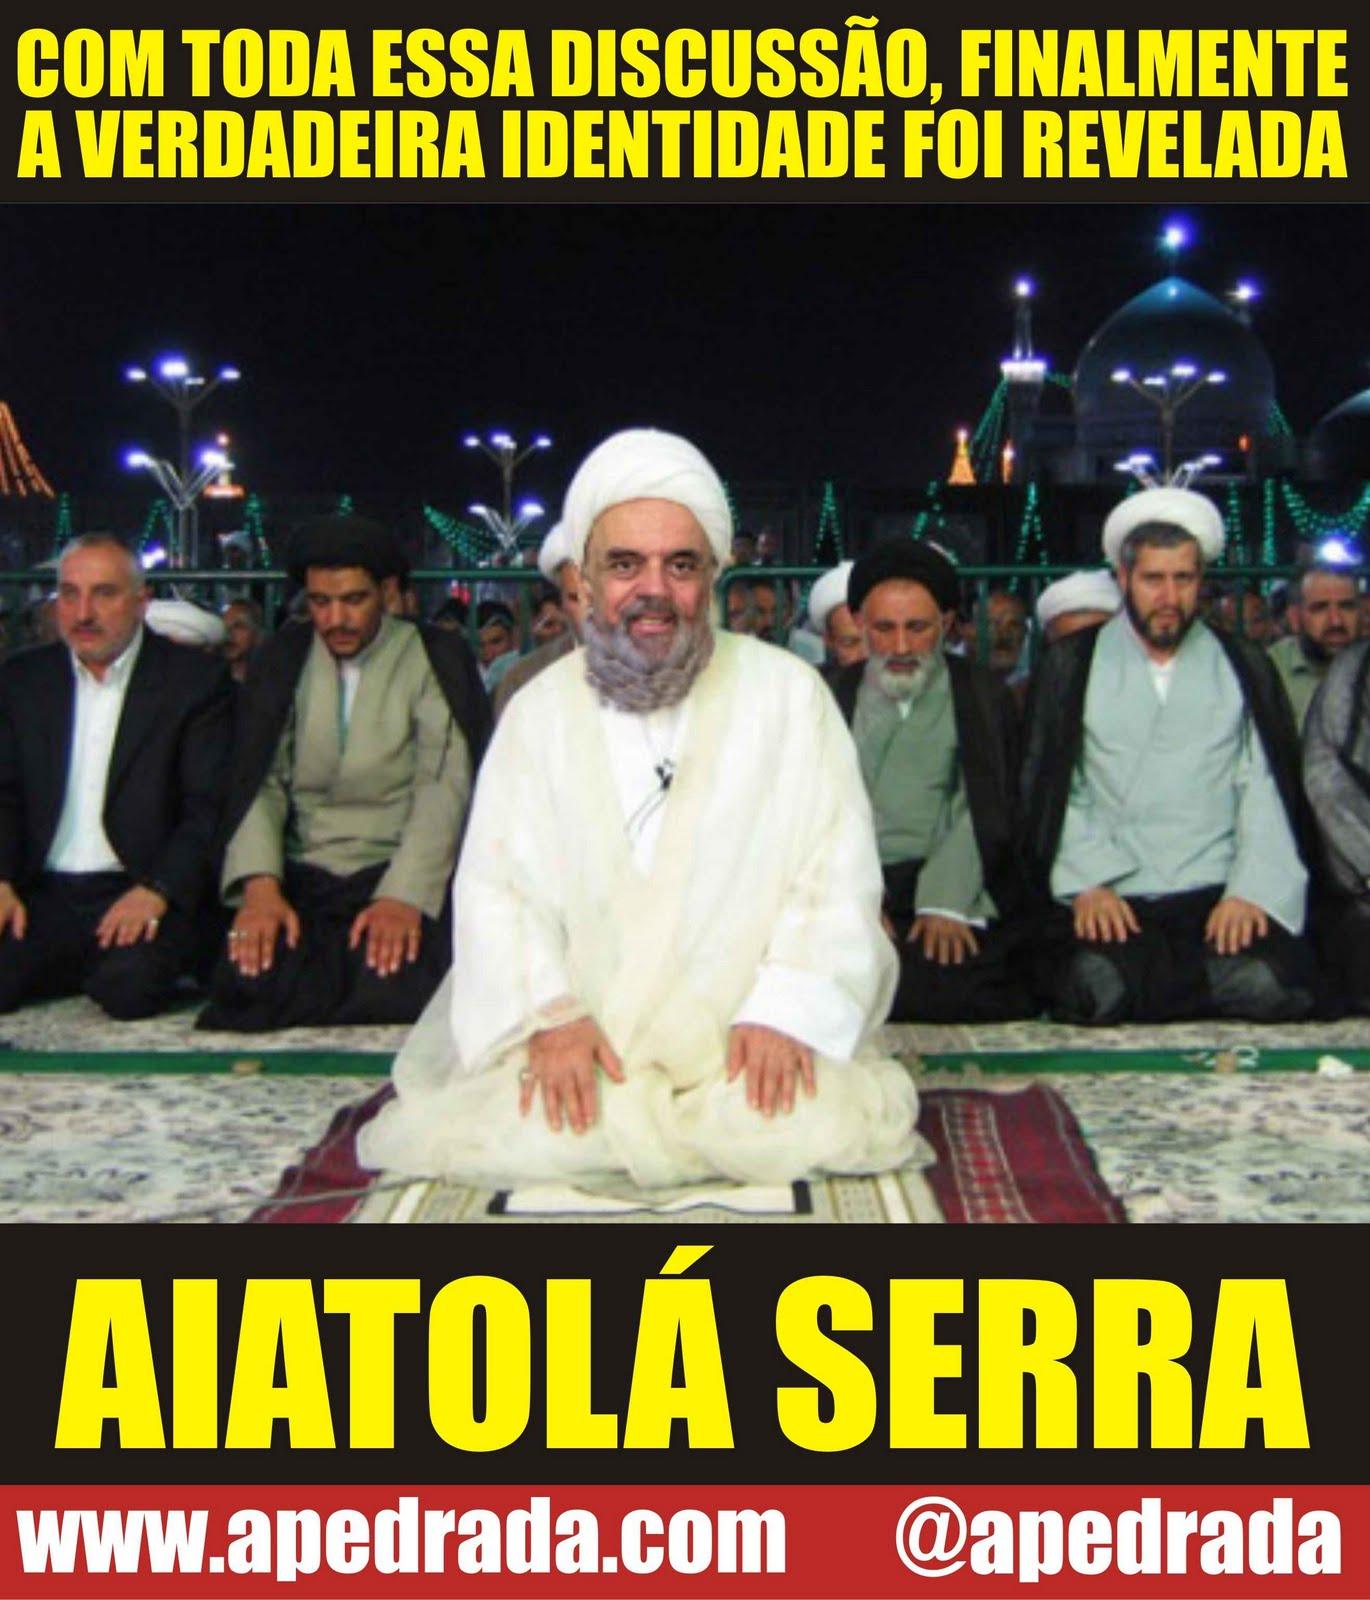 Charge política: Aiatolá José Serra